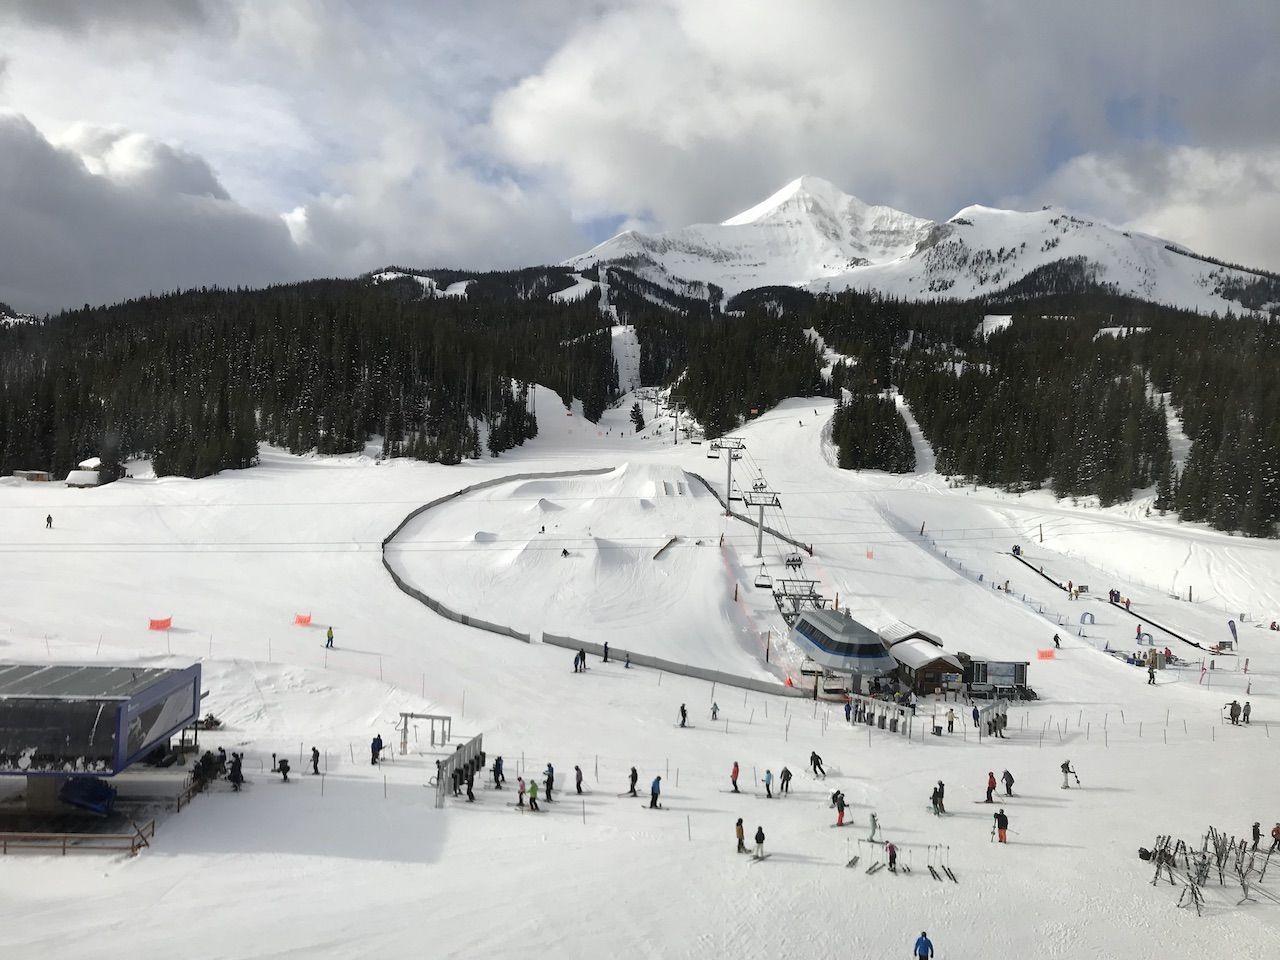 Ski slopes at Big Sky in Montana